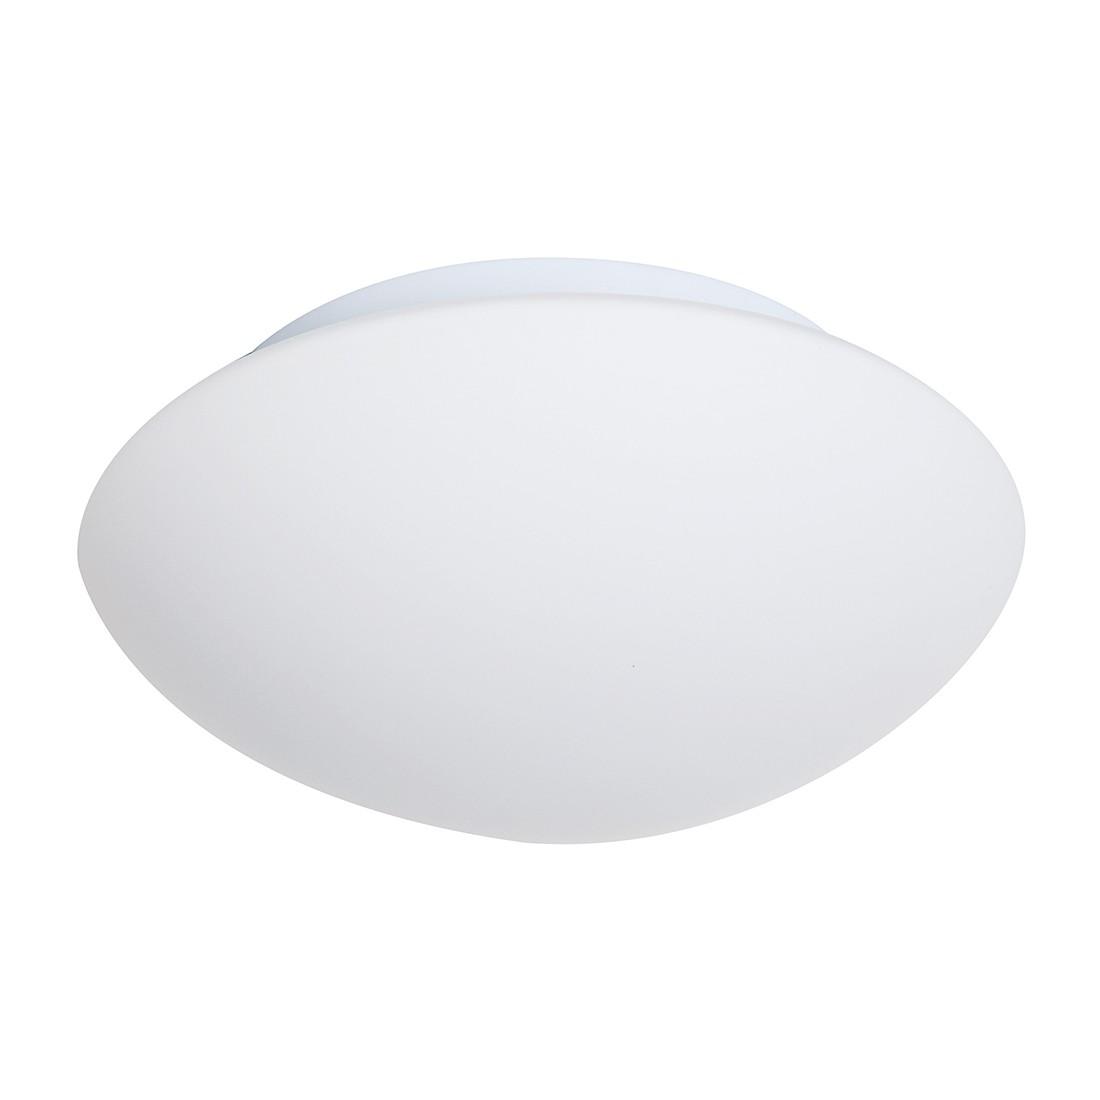 EEK A++, Deckenleuchte 1-flammig - Weiß Ø 18 cm, Steinhauer